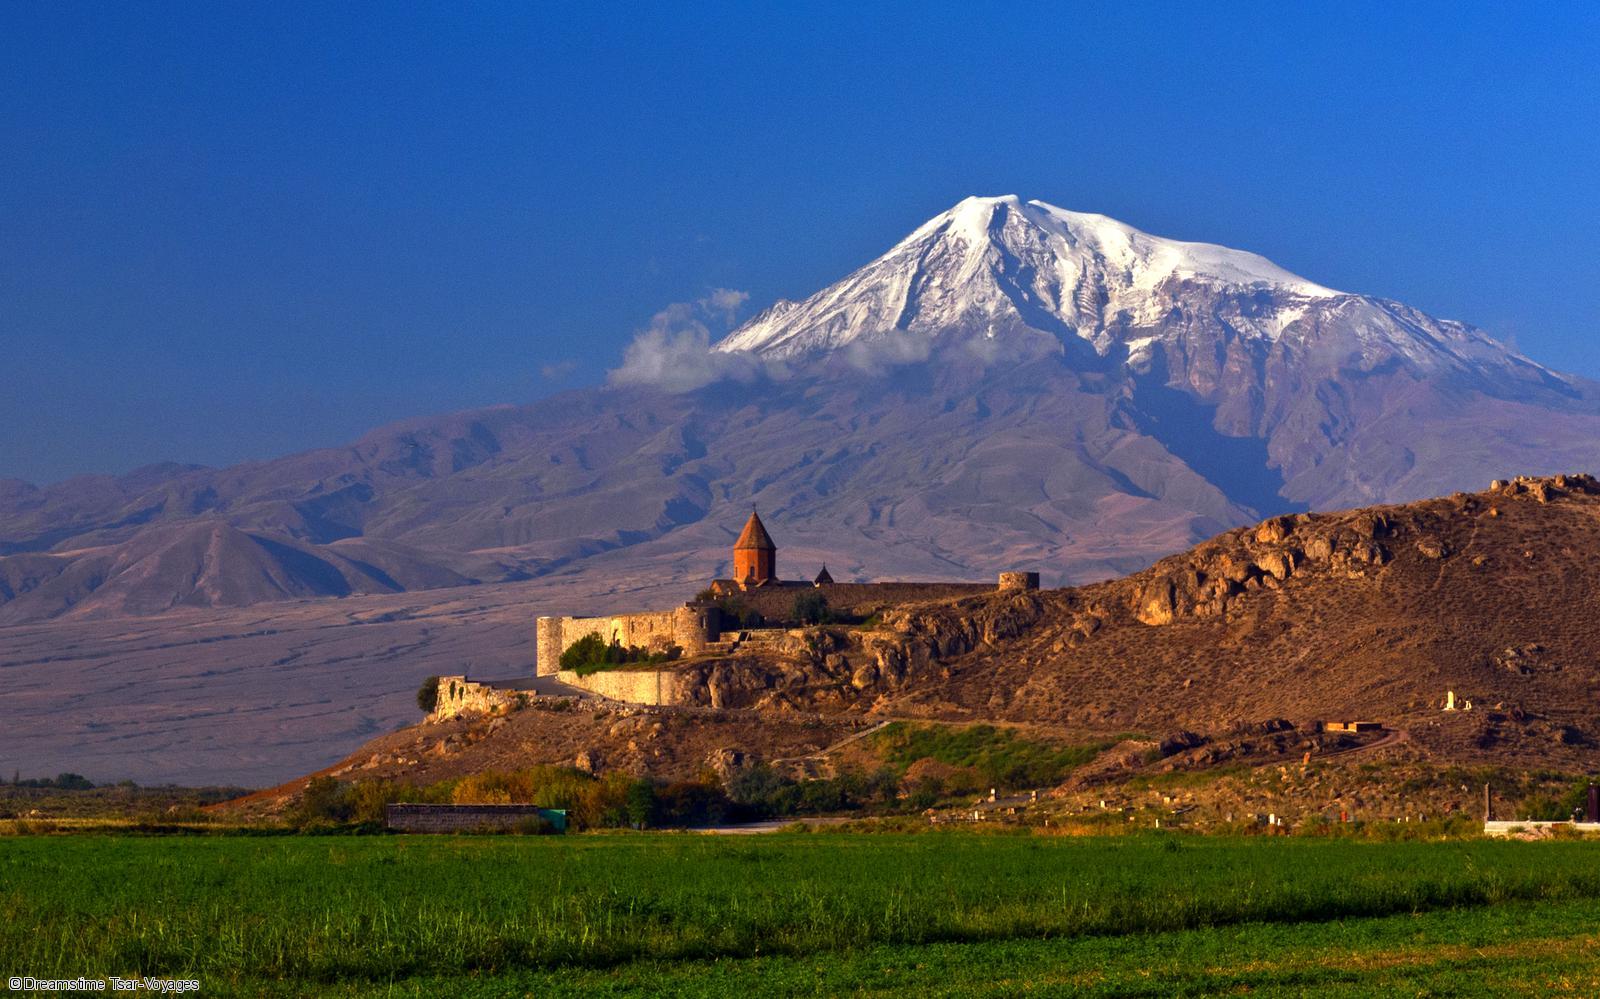 Voyage en Arménie : Découverte de l'Arménie en 8 jours